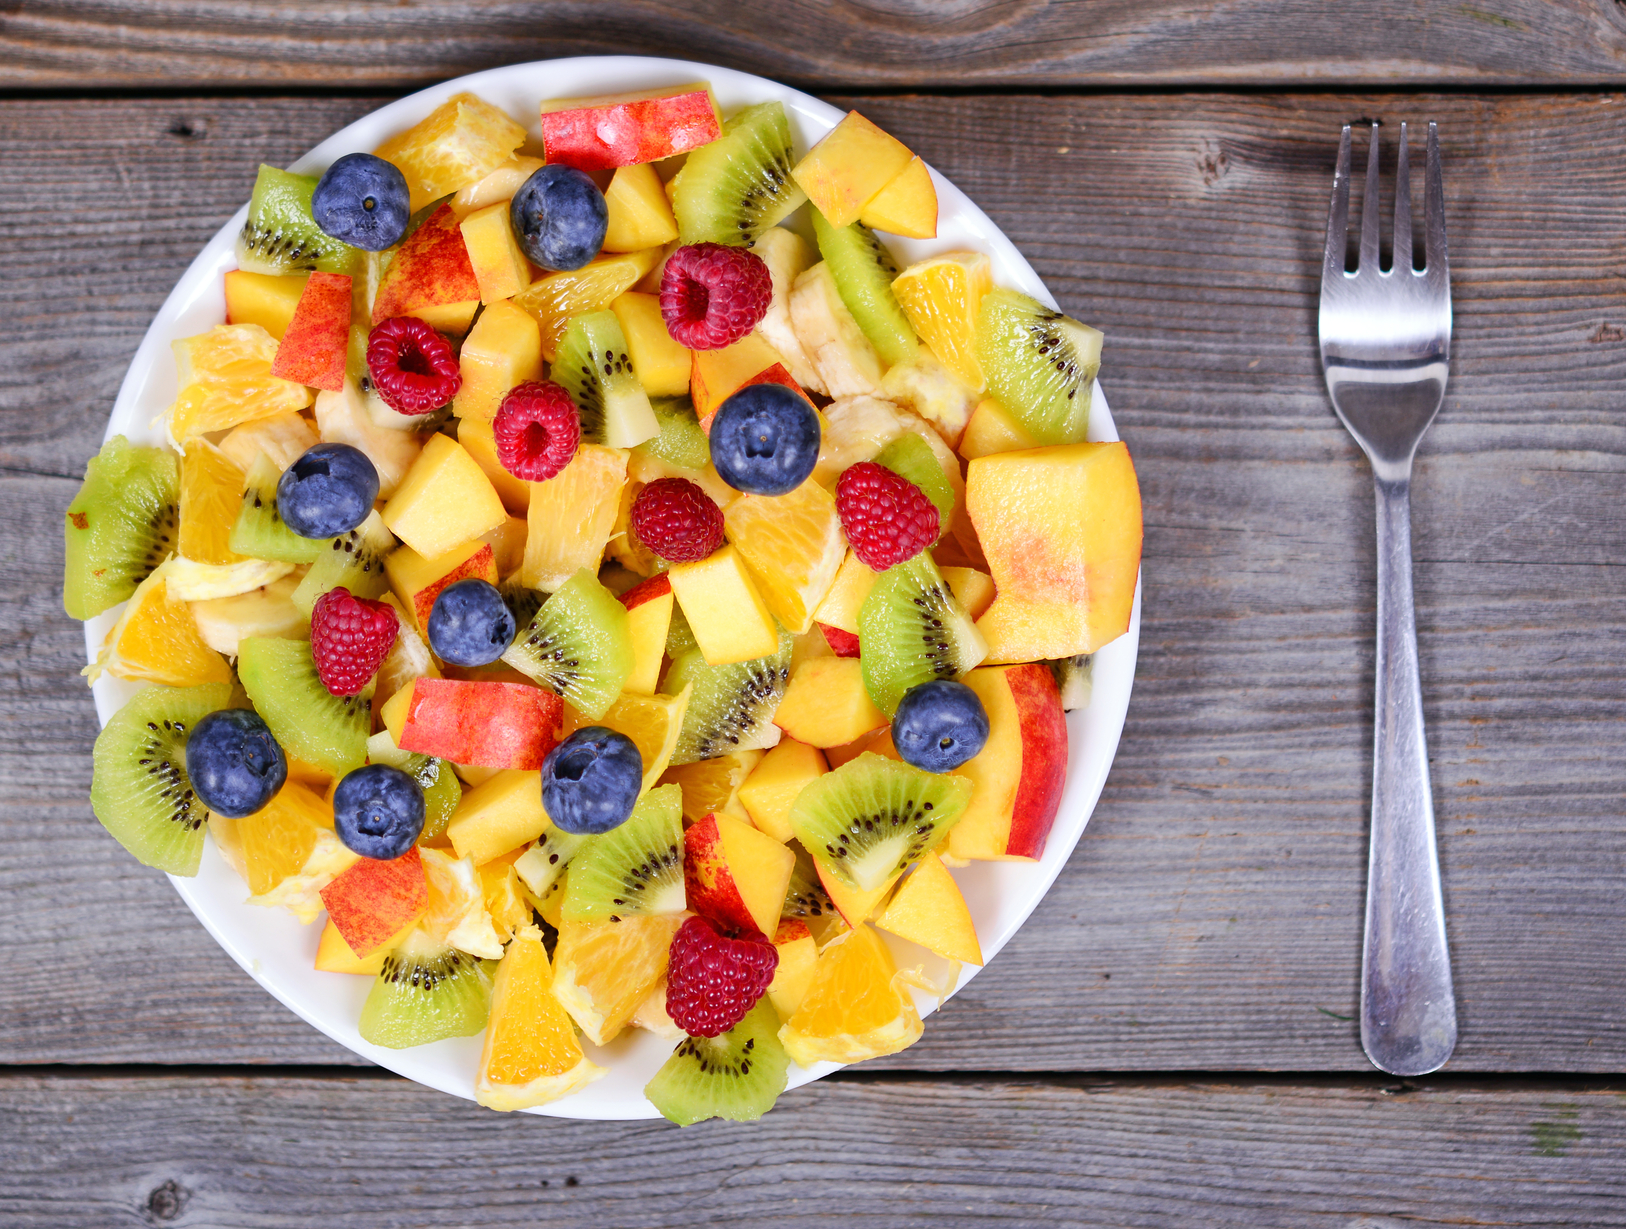 Ensalada de naranja, kiwi y fresas